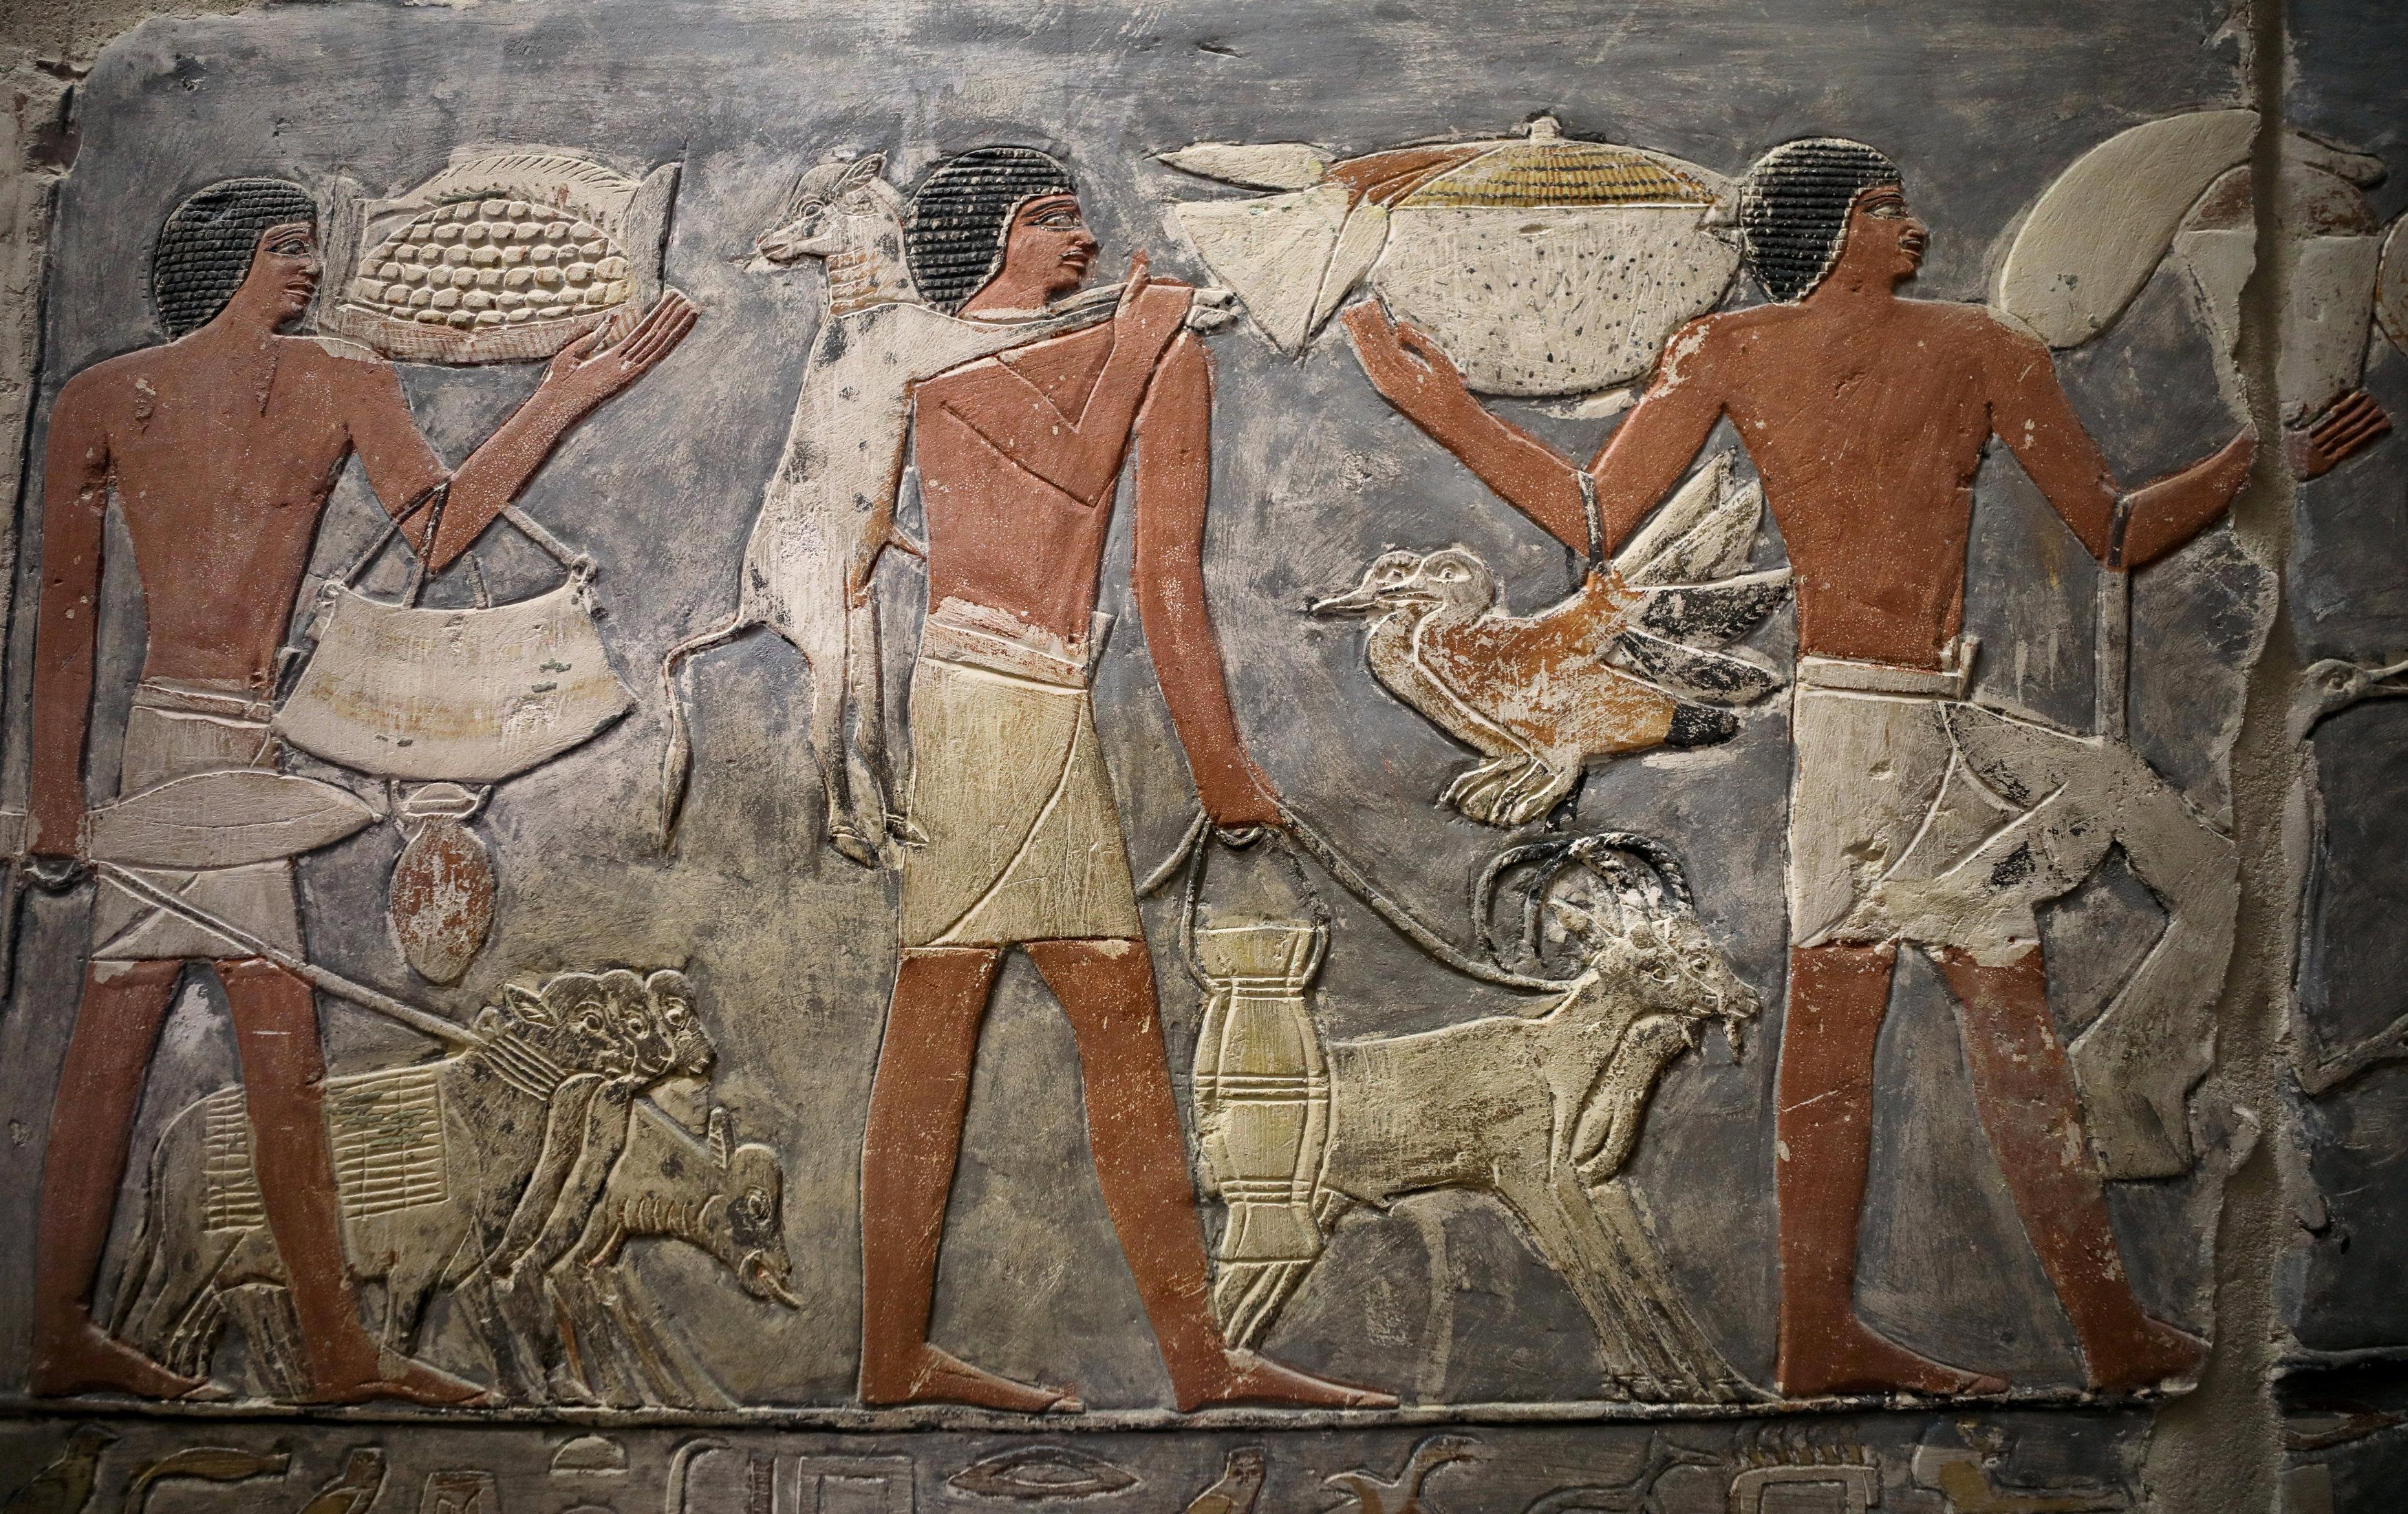 Uno de los frescos que adornan los muros de la tumba de Mehu